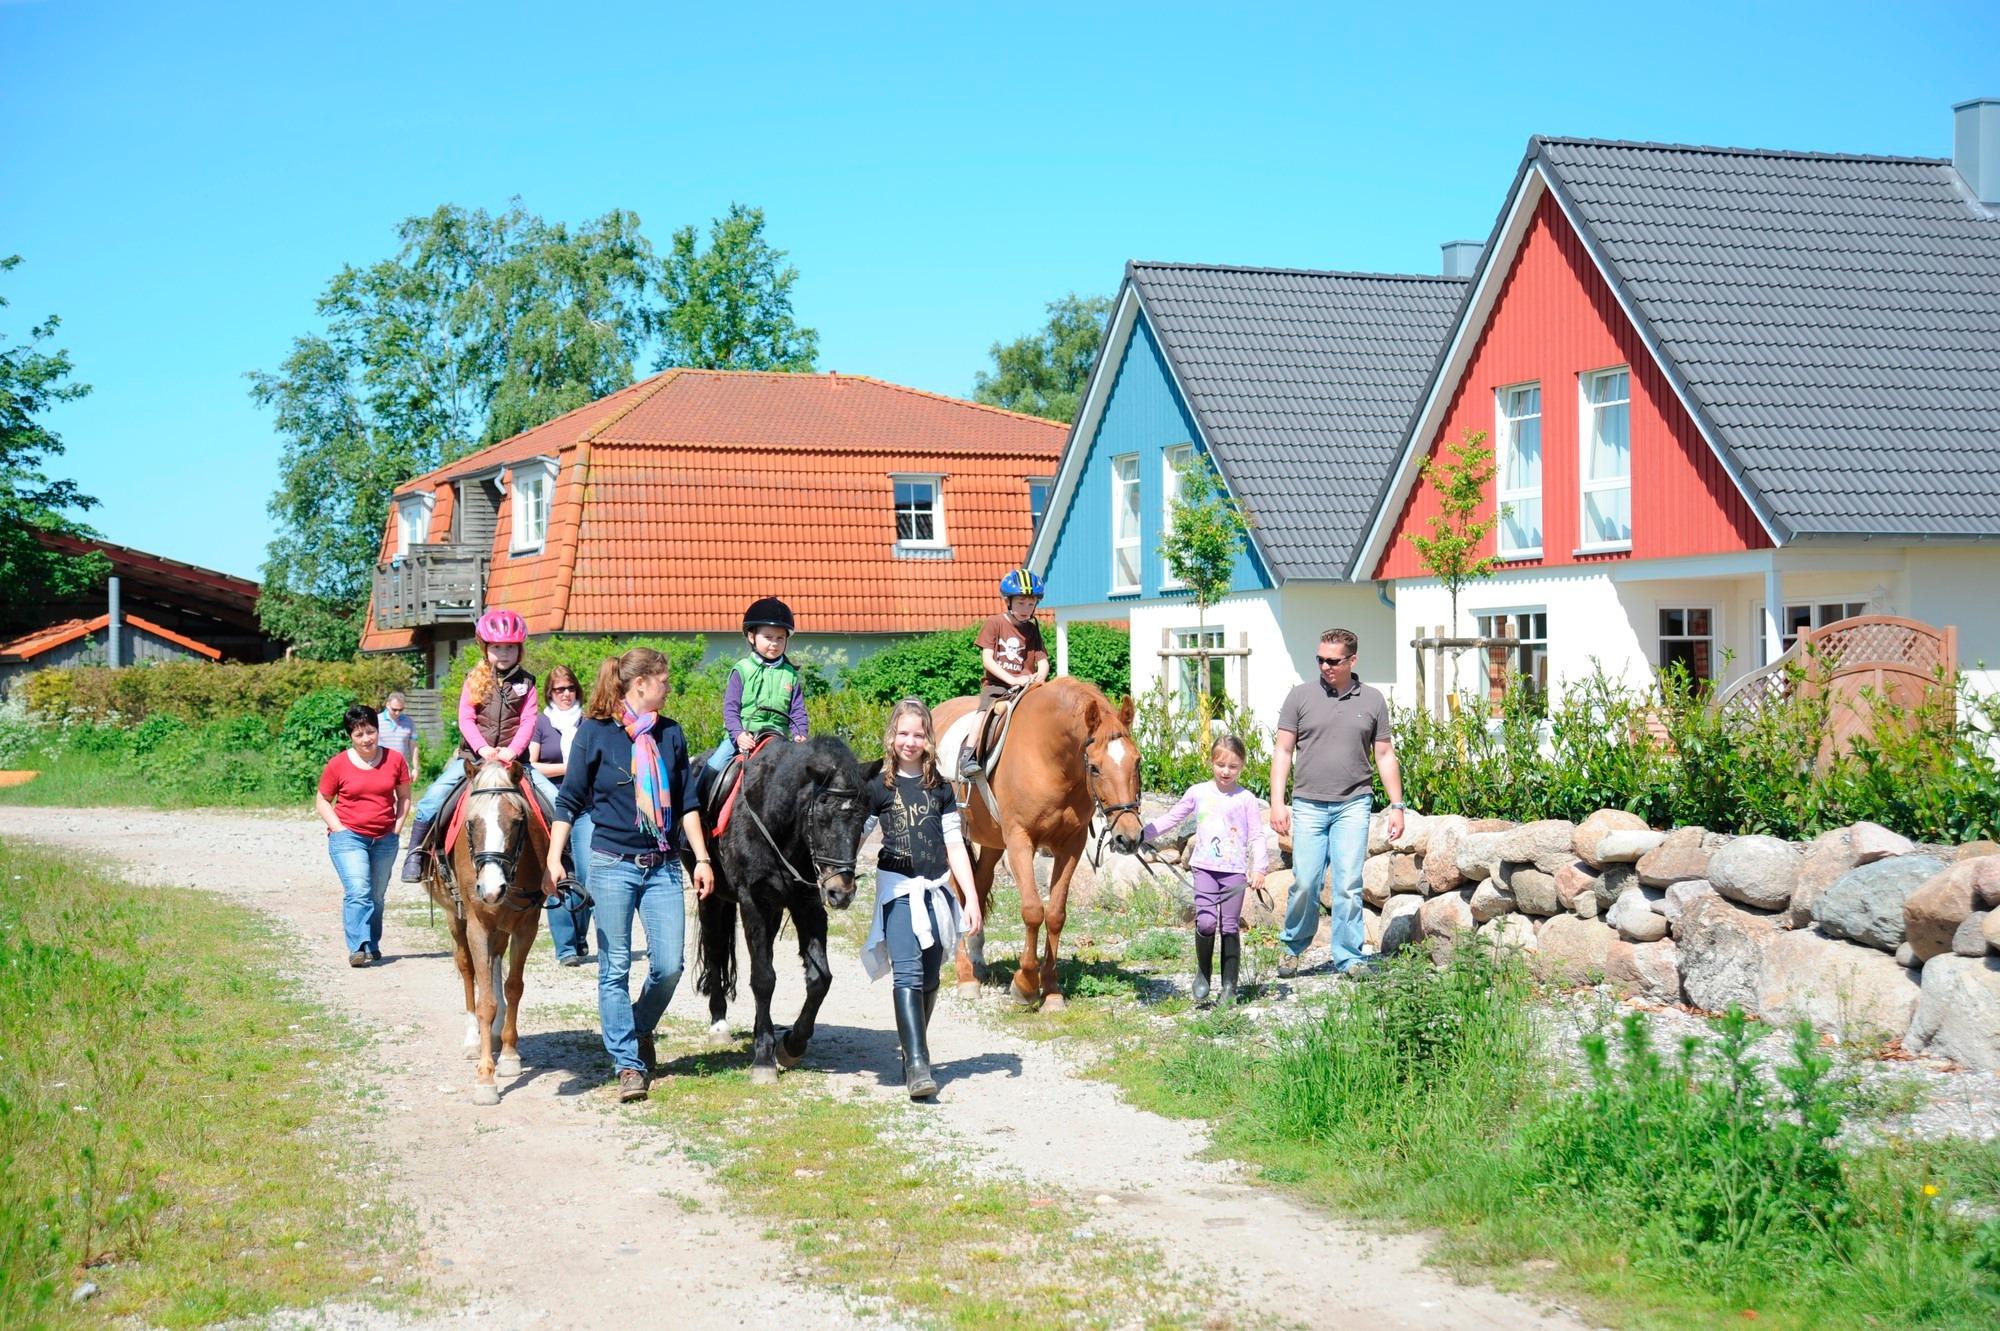 Ferienwohnung Bauernhof Köhlbrandt - Terrassenwohnung (763919), Todendorf, Fehmarn, Schleswig-Holstein, Deutschland, Bild 10